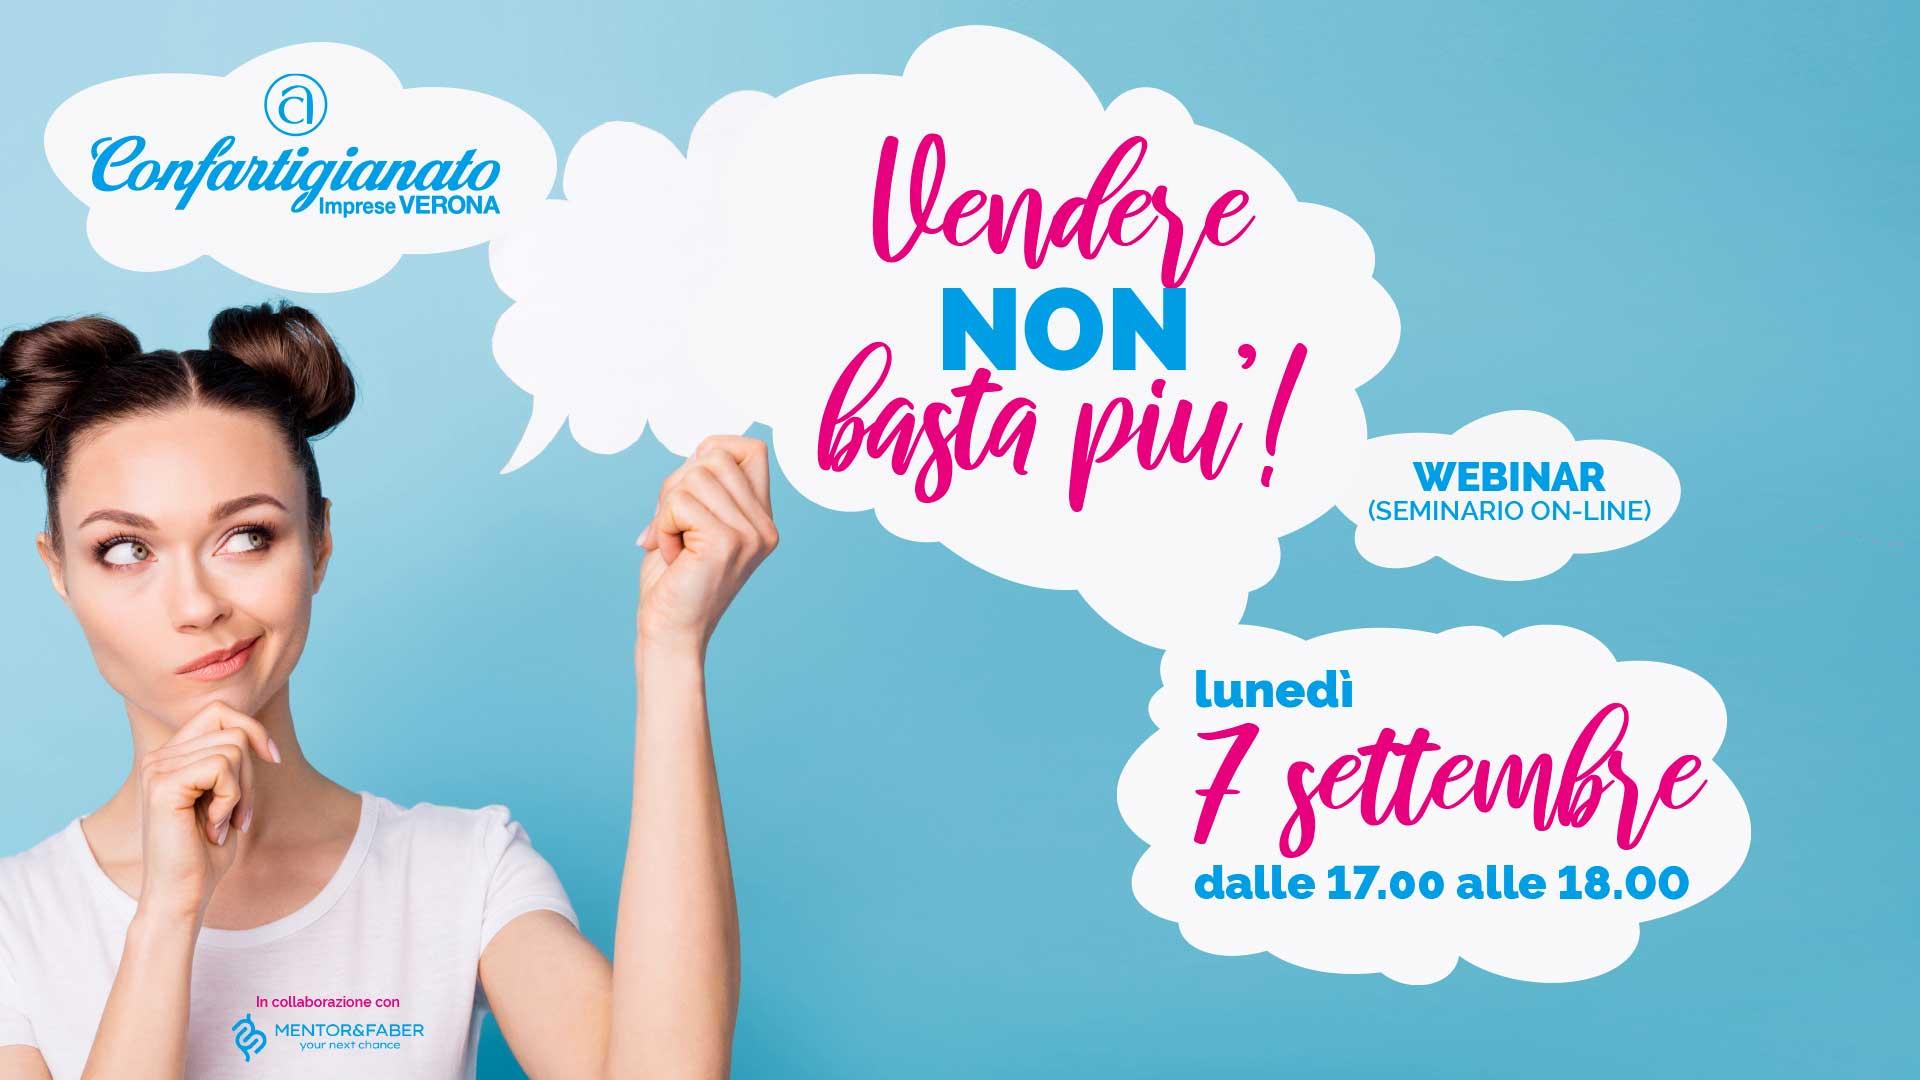 WEBINAR – 'Vendere non basta piu'!', il 7 settembre seminario on-line per ripensare il concetto di vendita e il ruolo del venditore. Iscriviti